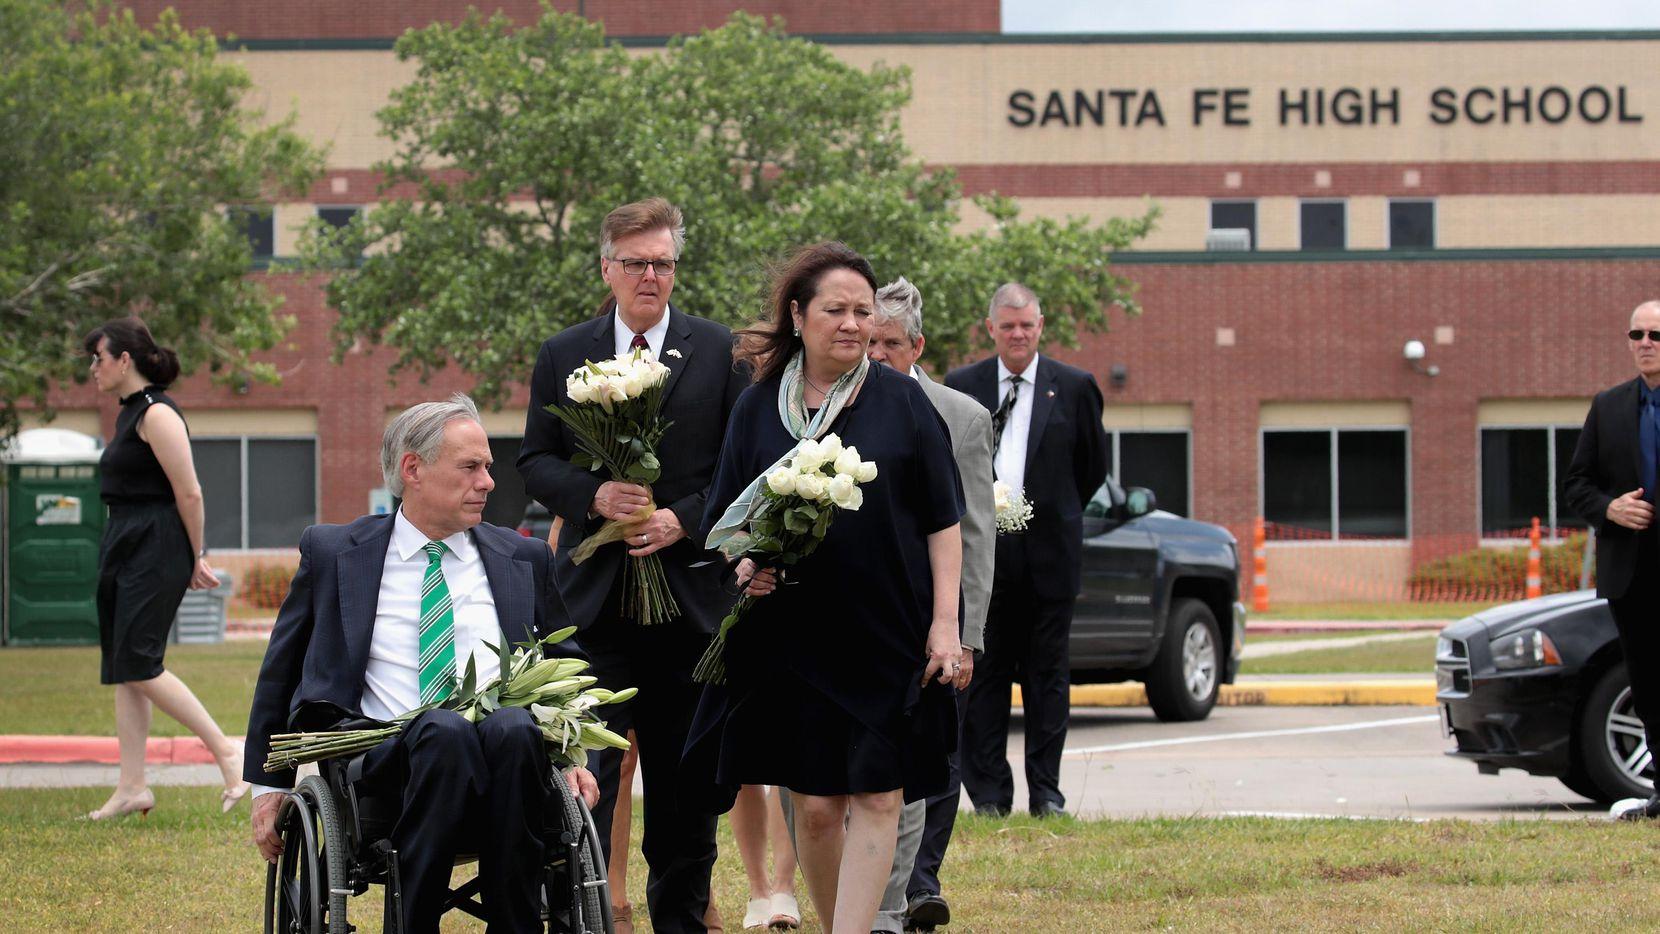 El gobernador de Texas Greg Abbott asiste a una ceremonia en memoria de los estudiantes fallecidos en el tiroteo en Santa Fe High. (Getty Images/Scott Olson)